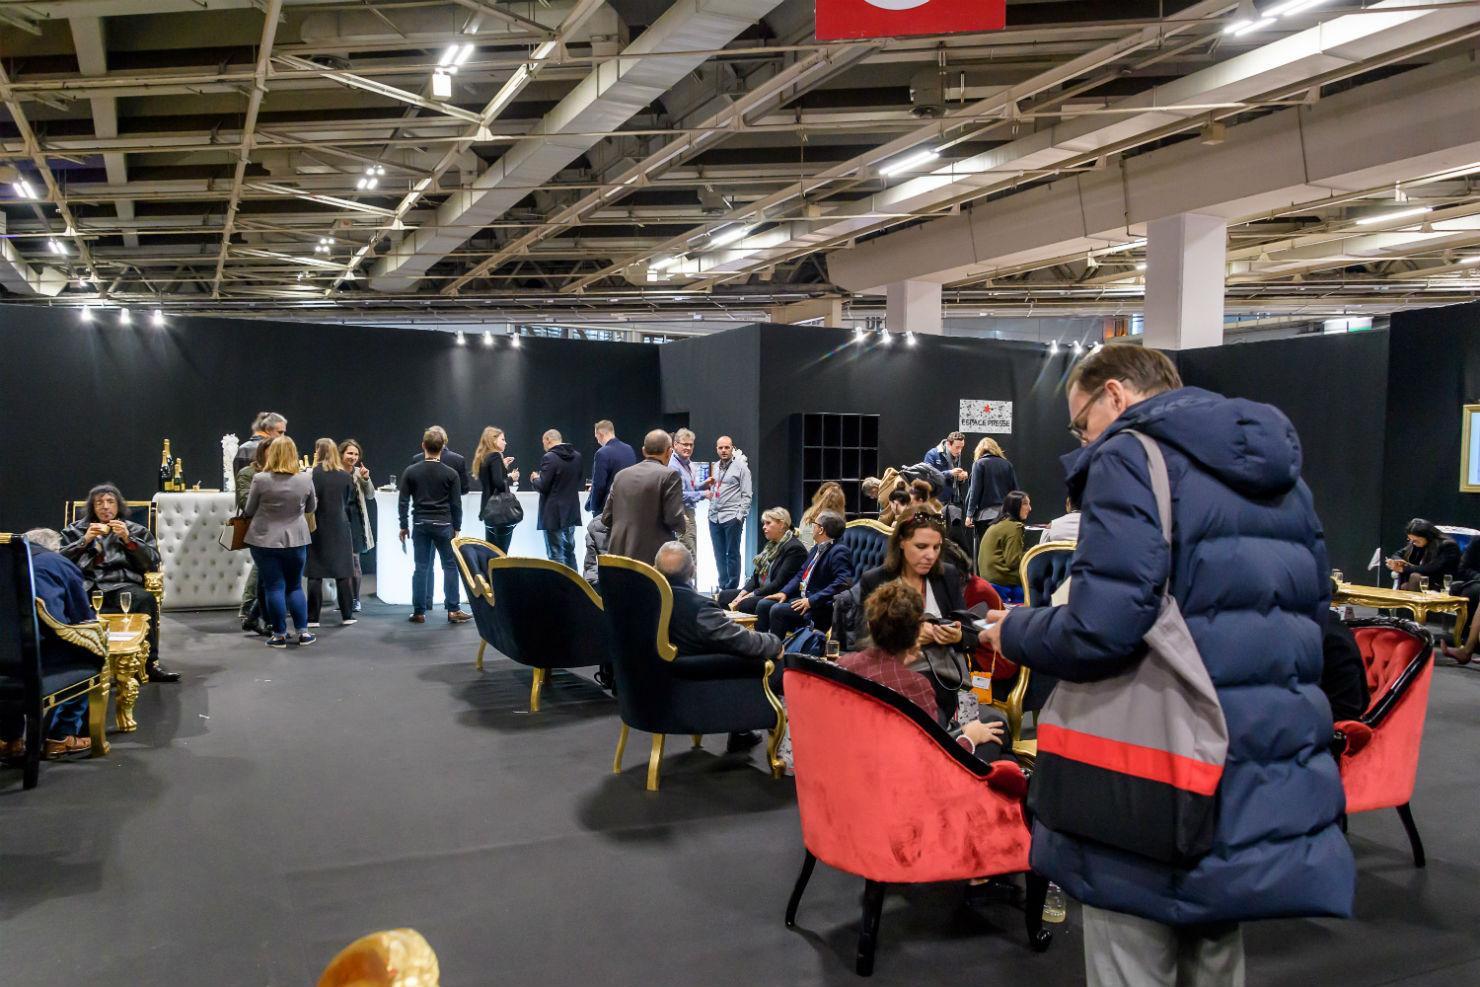 exposant salon heavent paris 126 events.